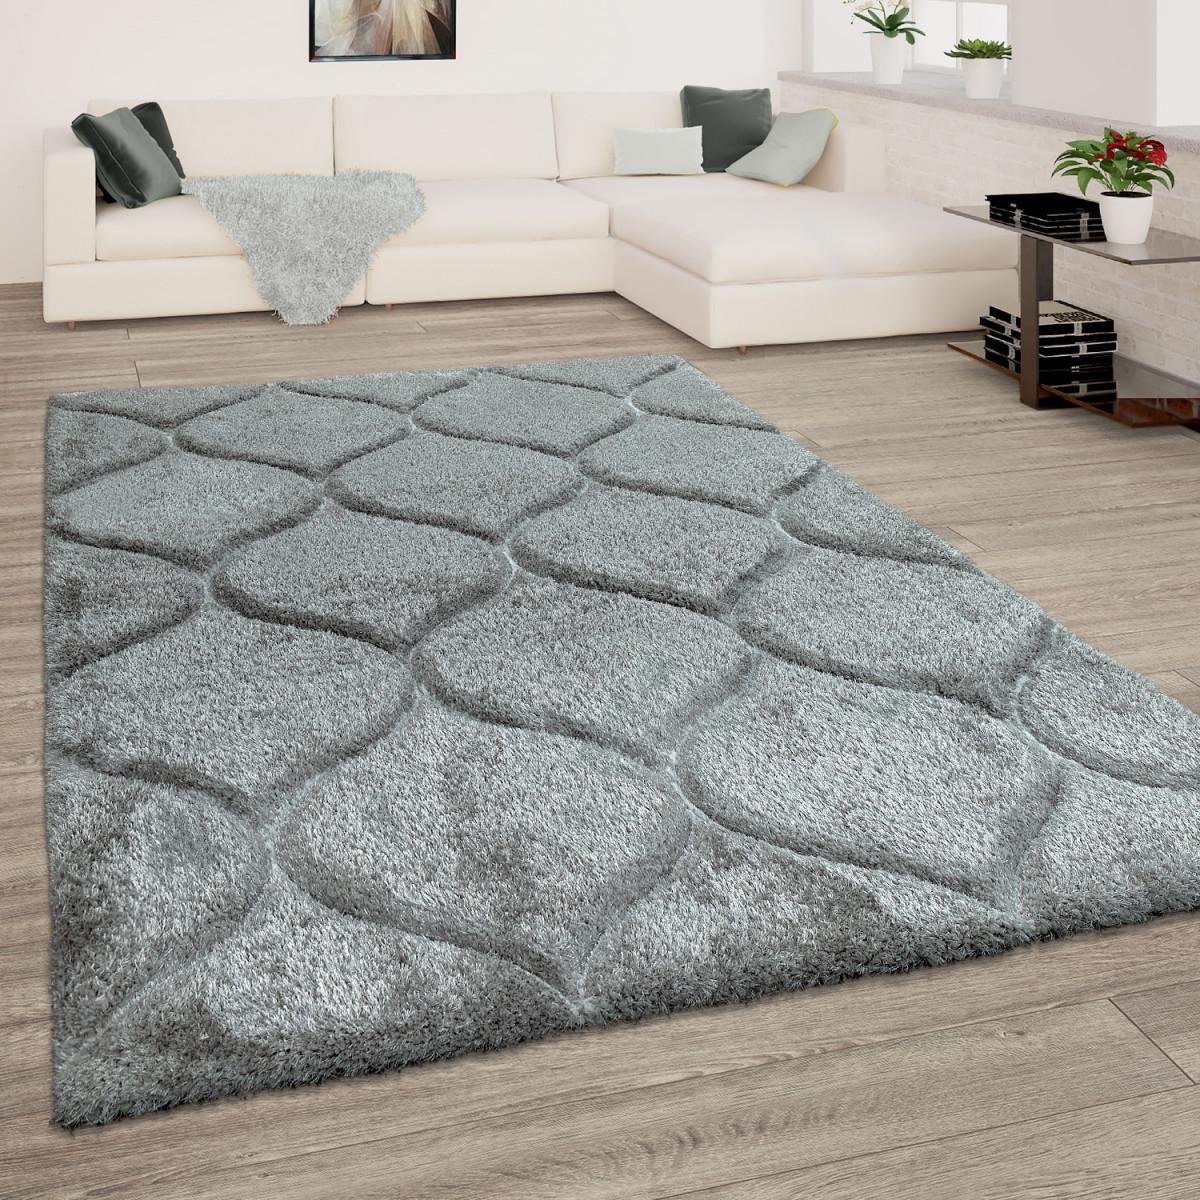 Details Zu Teppich Wohnzimmer Grau Anthrazit Hochflor Weich Shaggy  Flauschig Wellen Muster von Teppich Wohnzimmer Grau Bild